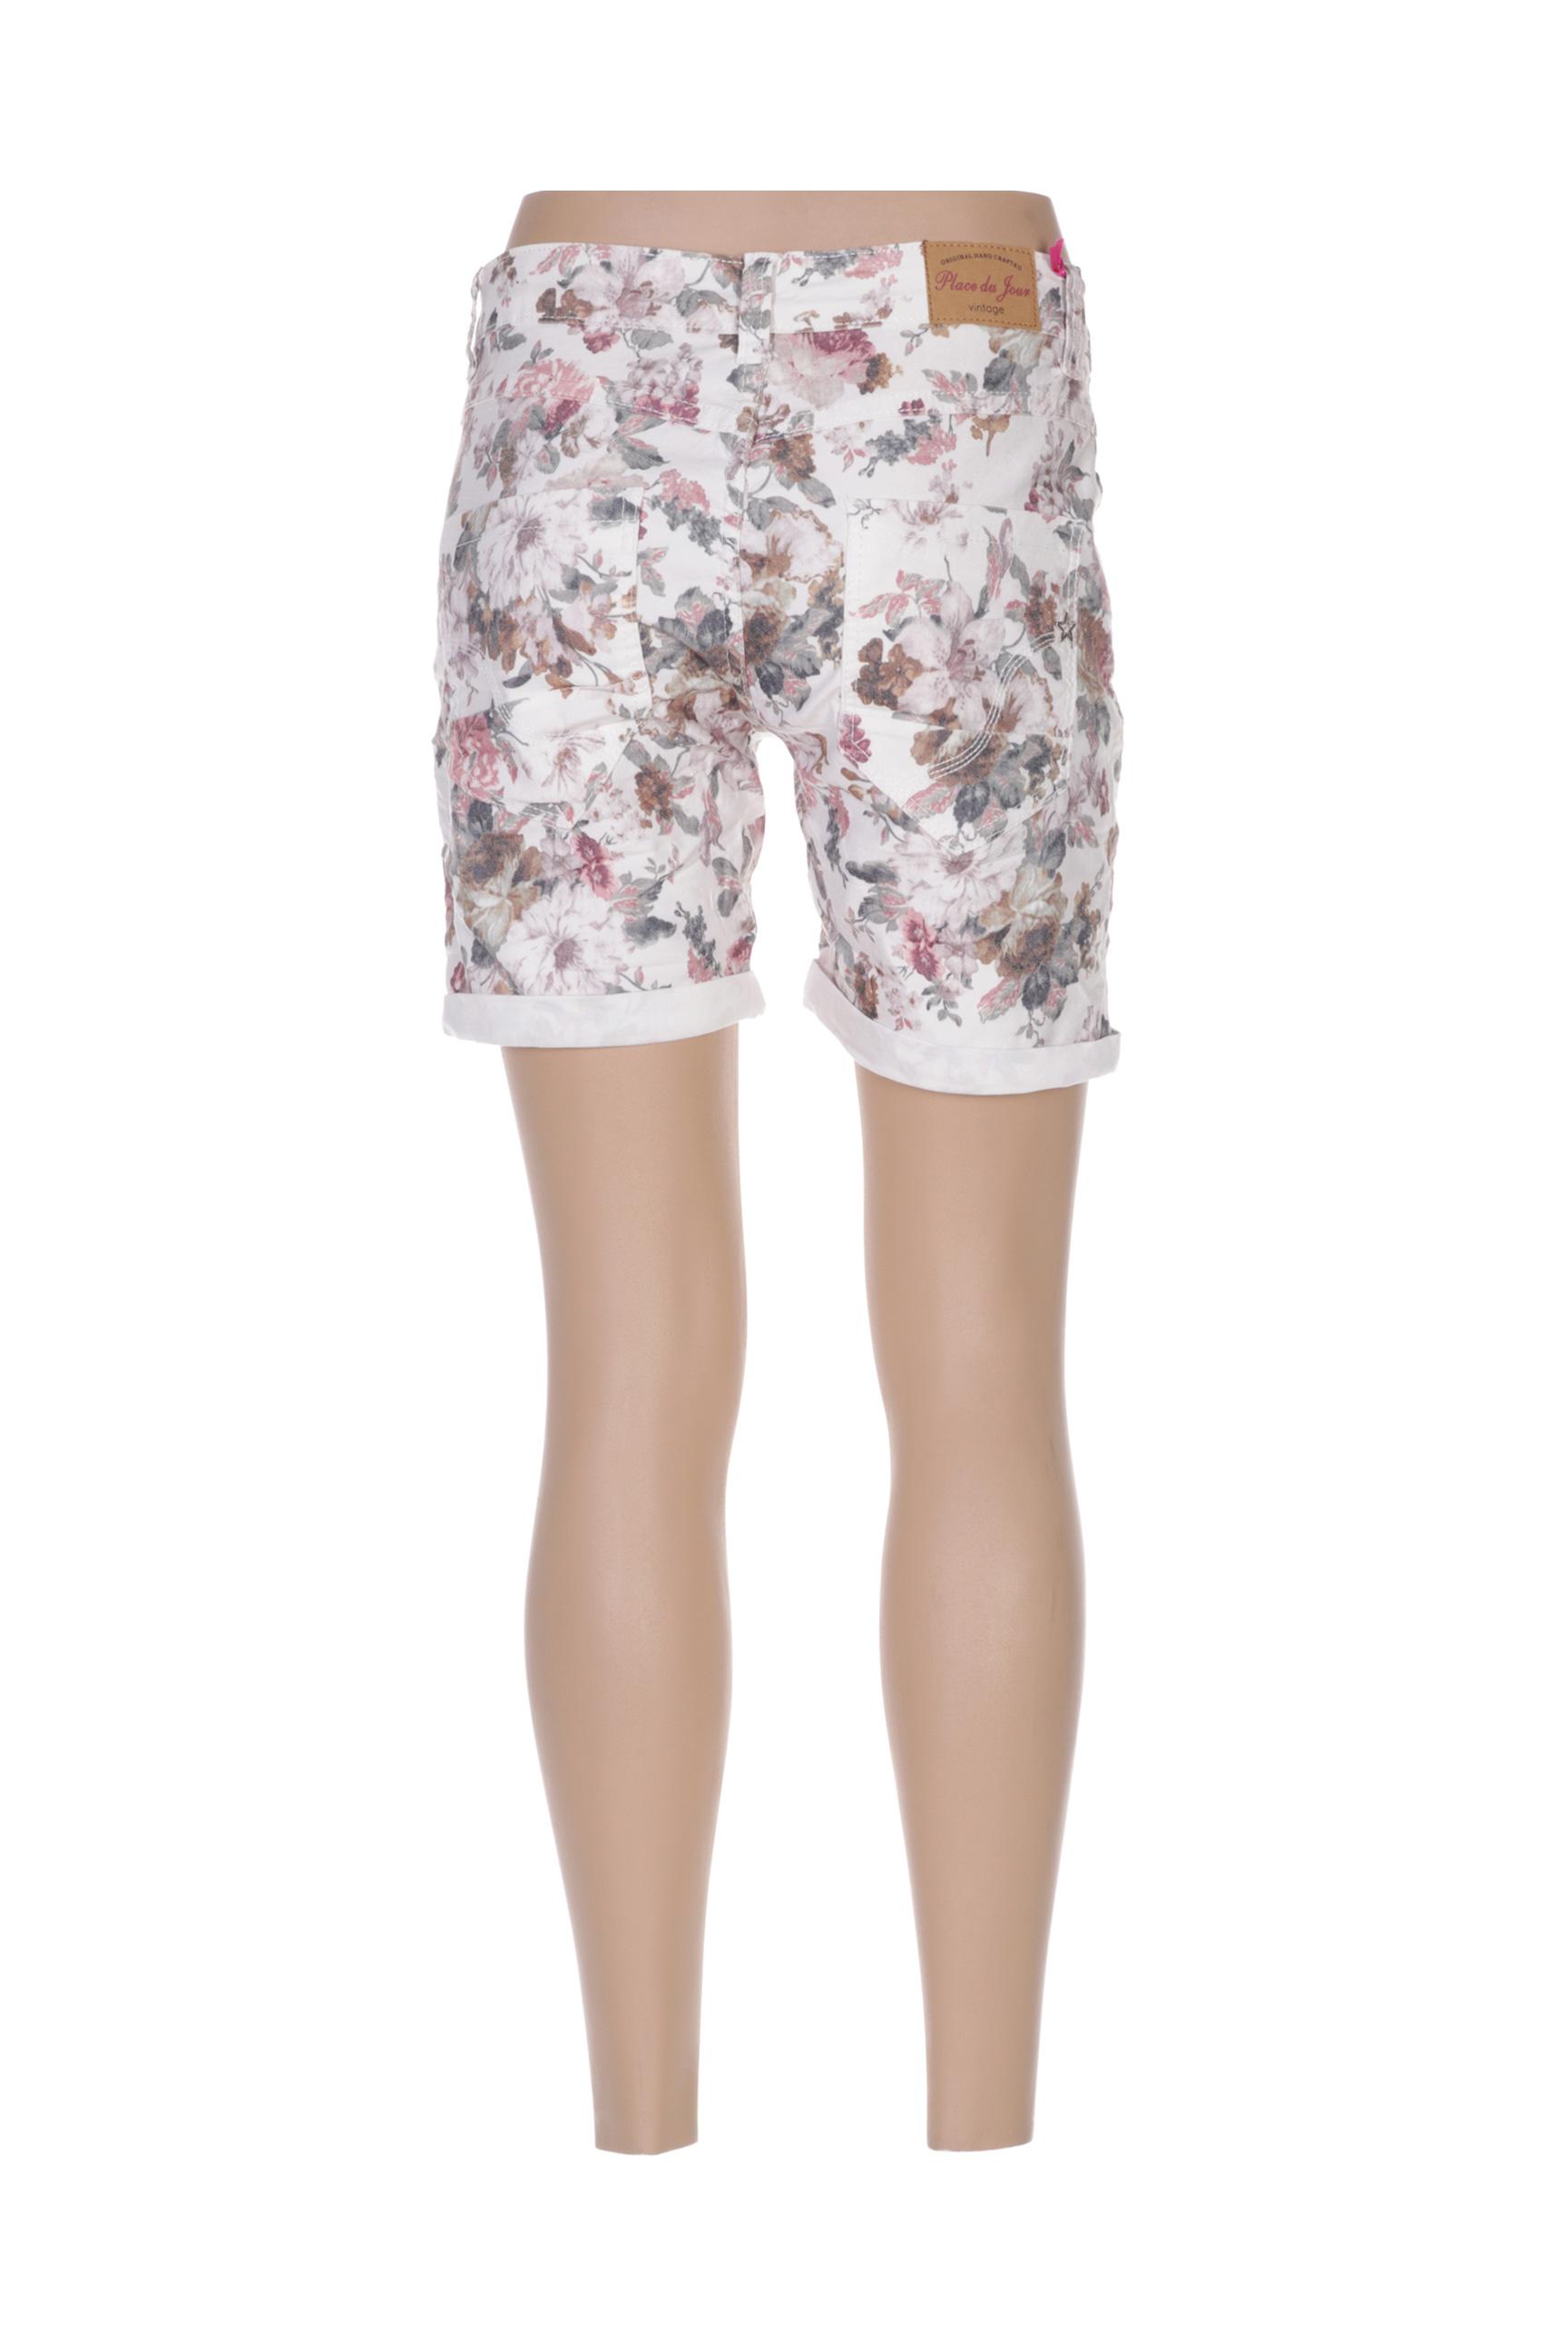 place du jour shorts 1 femme de couleur beige en soldes pas cher 1374242 beige0 modz